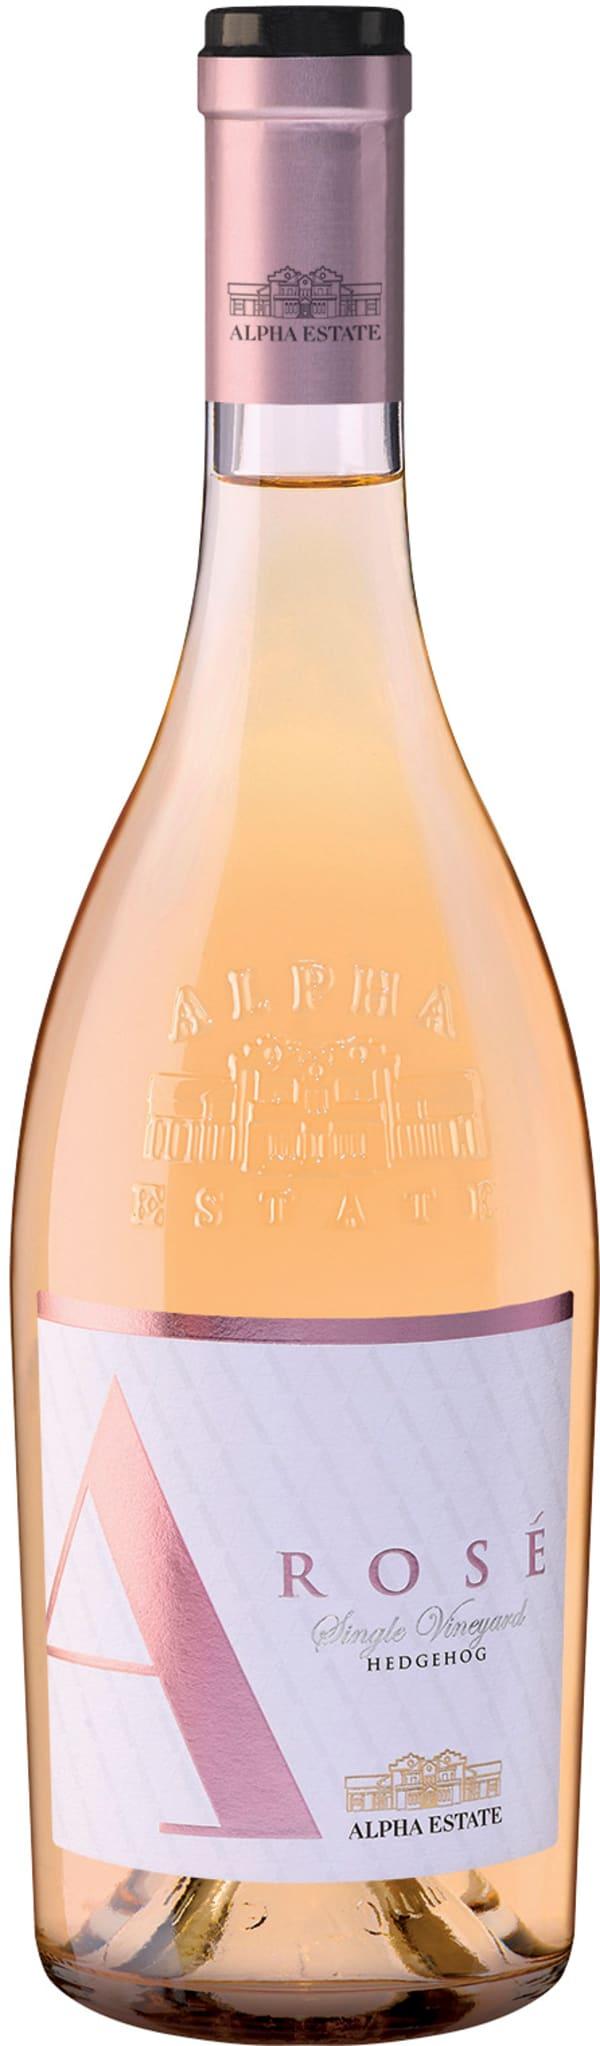 Alpha Estate Rose Single Vineyard Hedgehog 2018